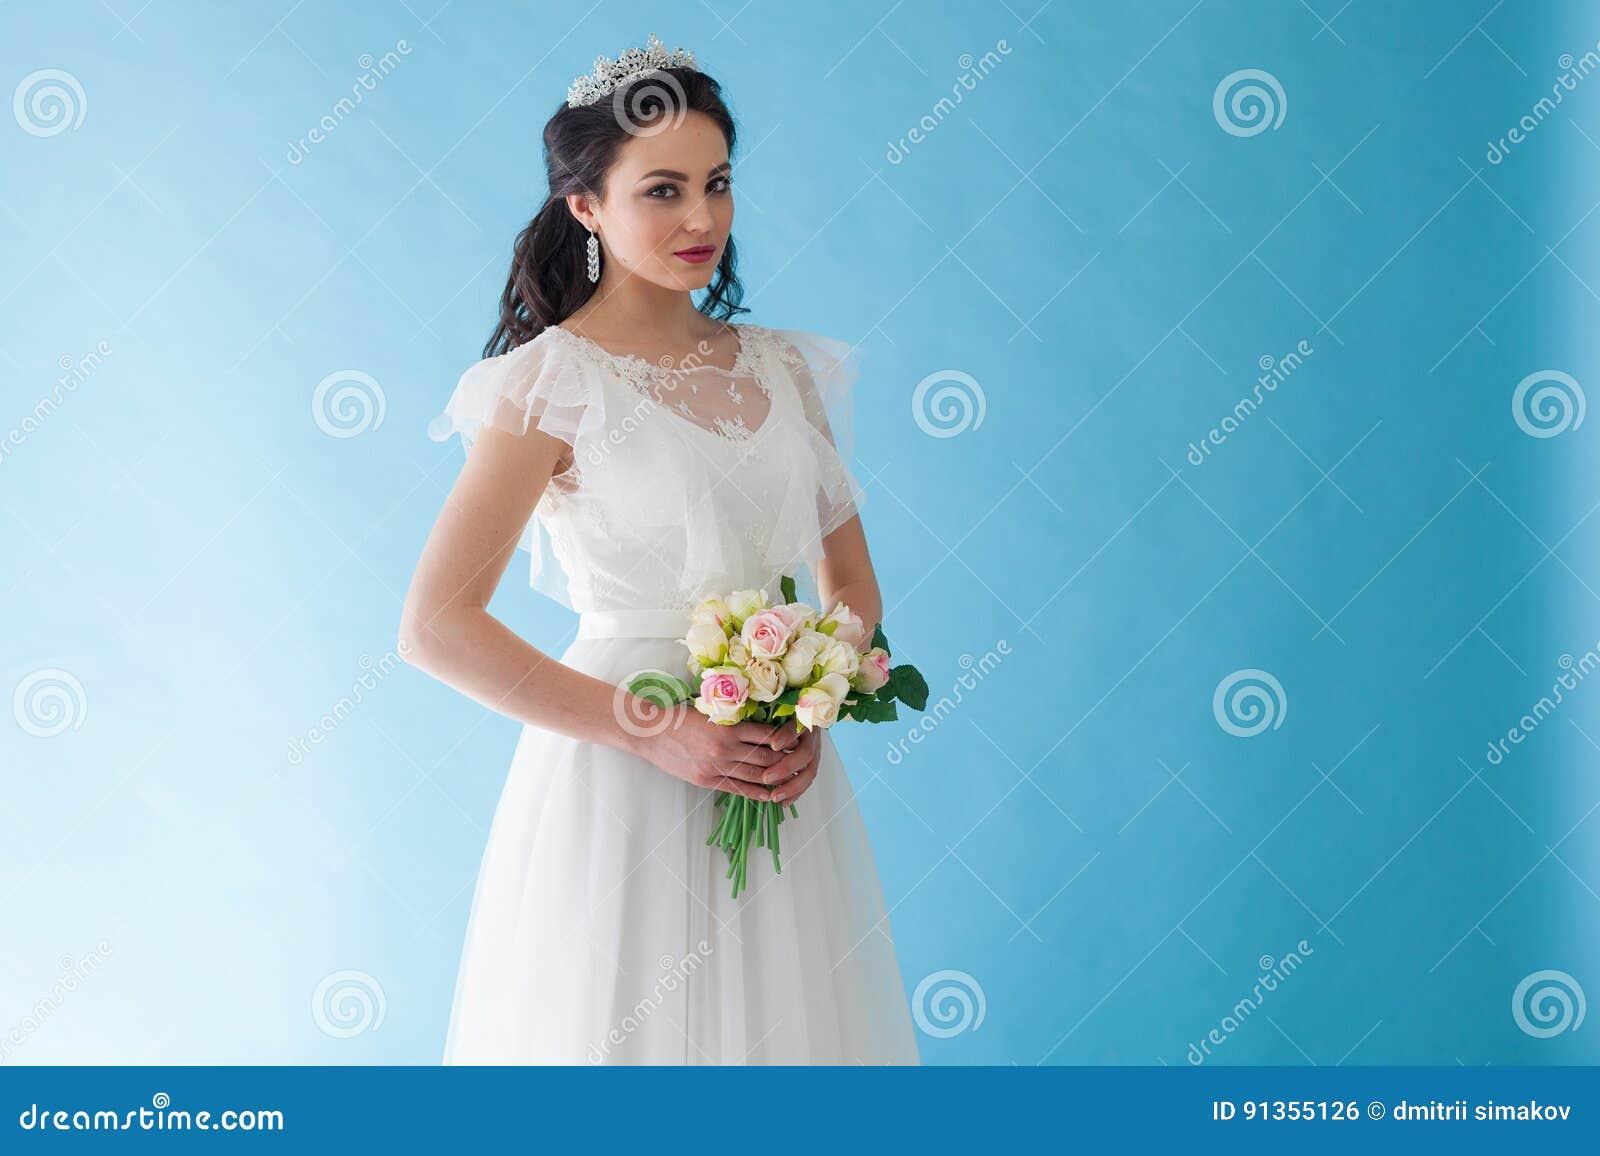 reputable site a332e 94793 Principessa Bride In Un Vestito Bianco Con Una Corona Su Un ...